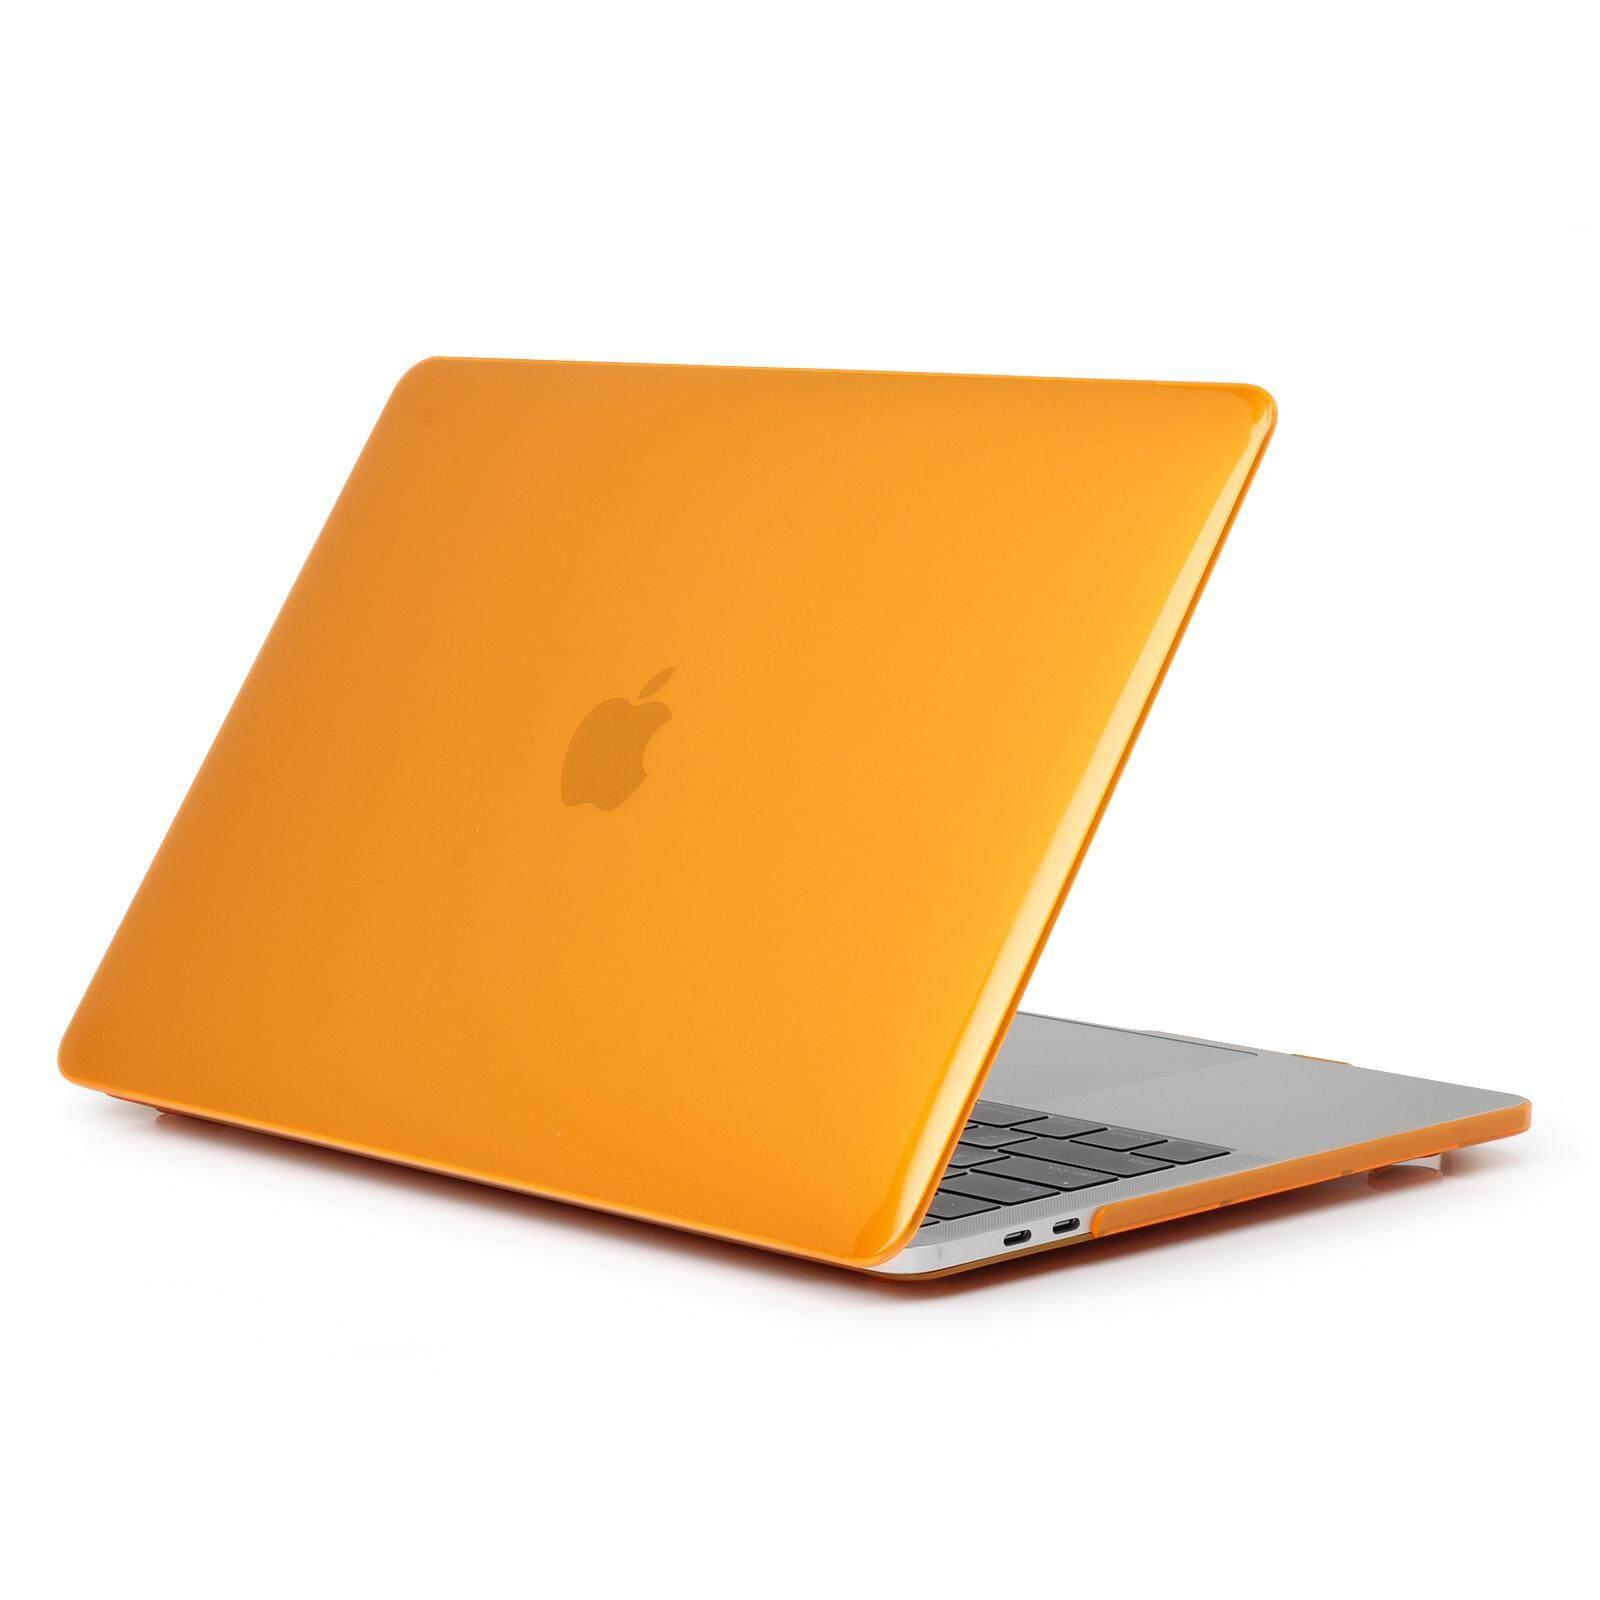 Depan dan Belakang See-Through PC Casing untuk MacBook Air A1932 13.3 Inci dengan Tampilan Retina (2018) /Air 13.3 Inci (2018)